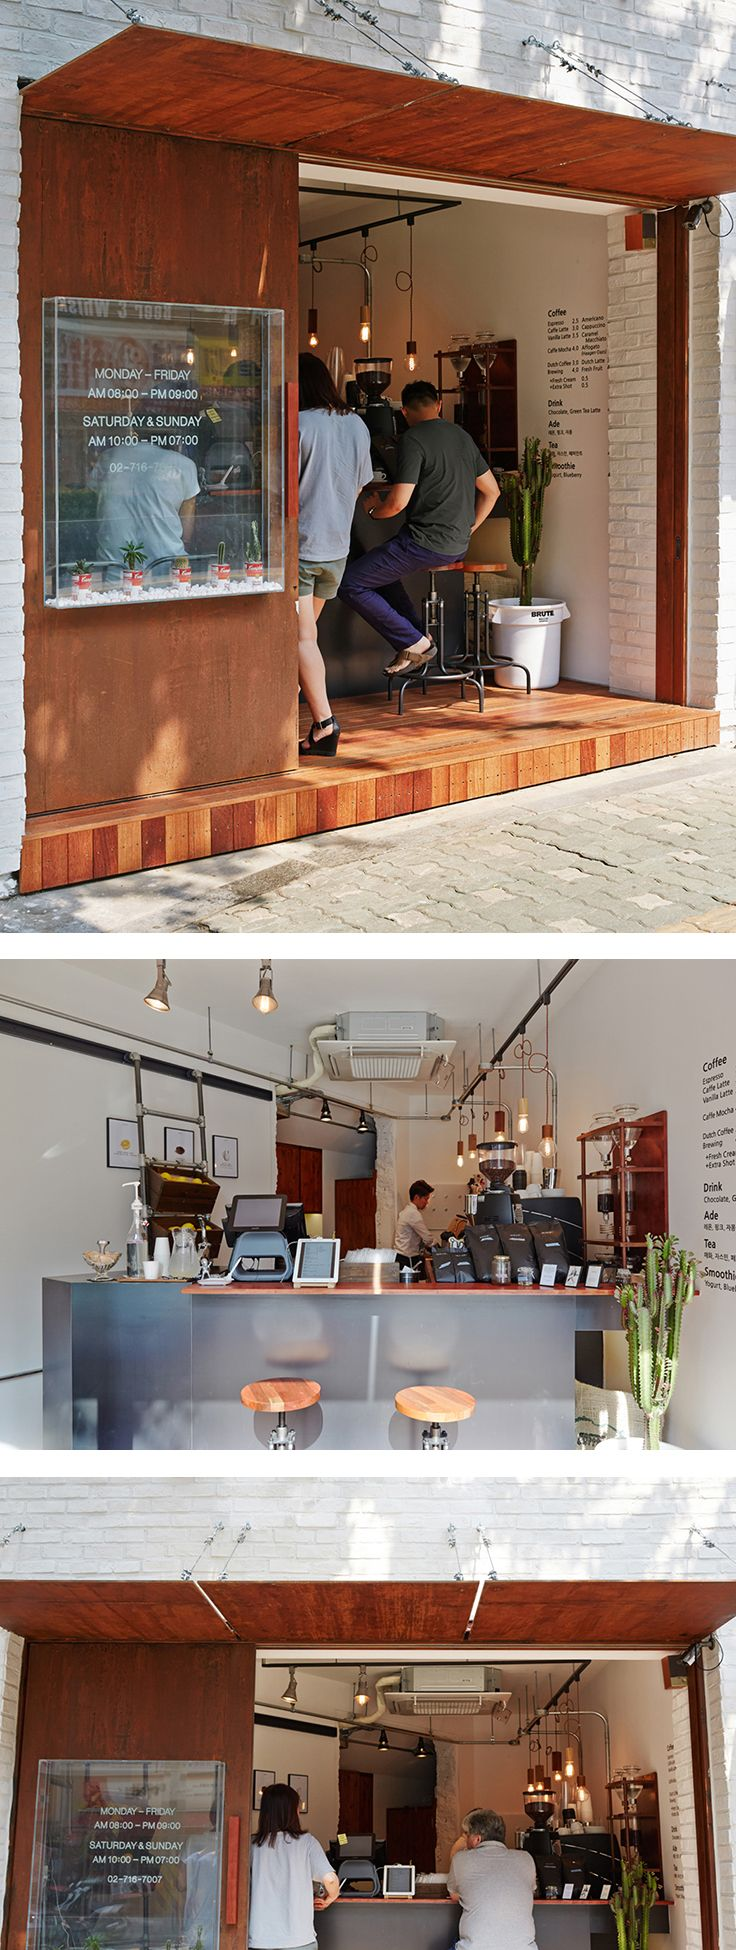 [No.113 경성커피] 4평 모던 인더스트리얼 카페 인테리어, 작은카페, 카페디자인, 마포인테리어, cafe design